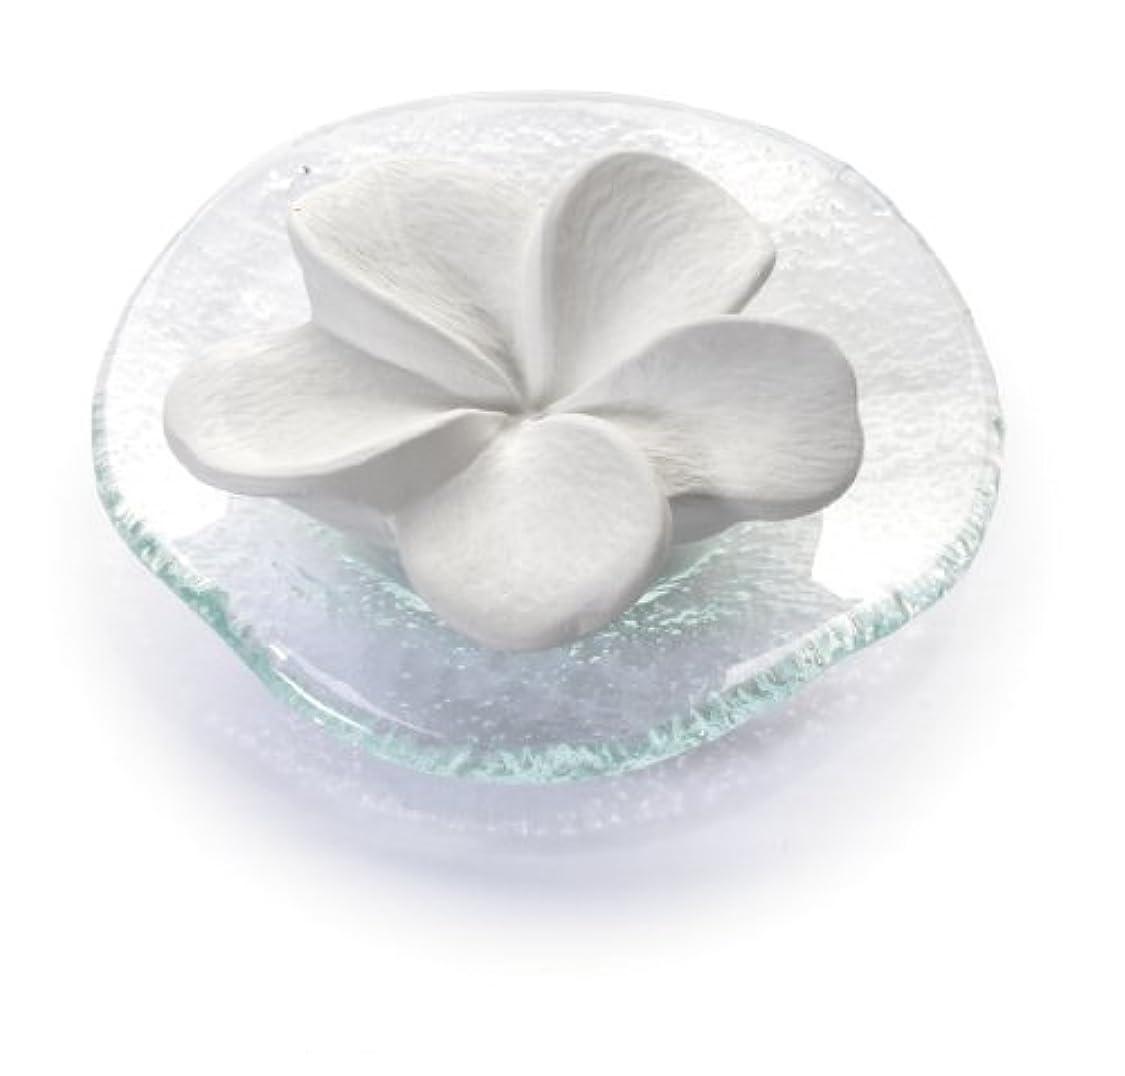 識別動力学検査官ポマンダー フランジュパニ(ガラズ皿つき)プリマヴェーラ(プリマベラ)「天の香り」